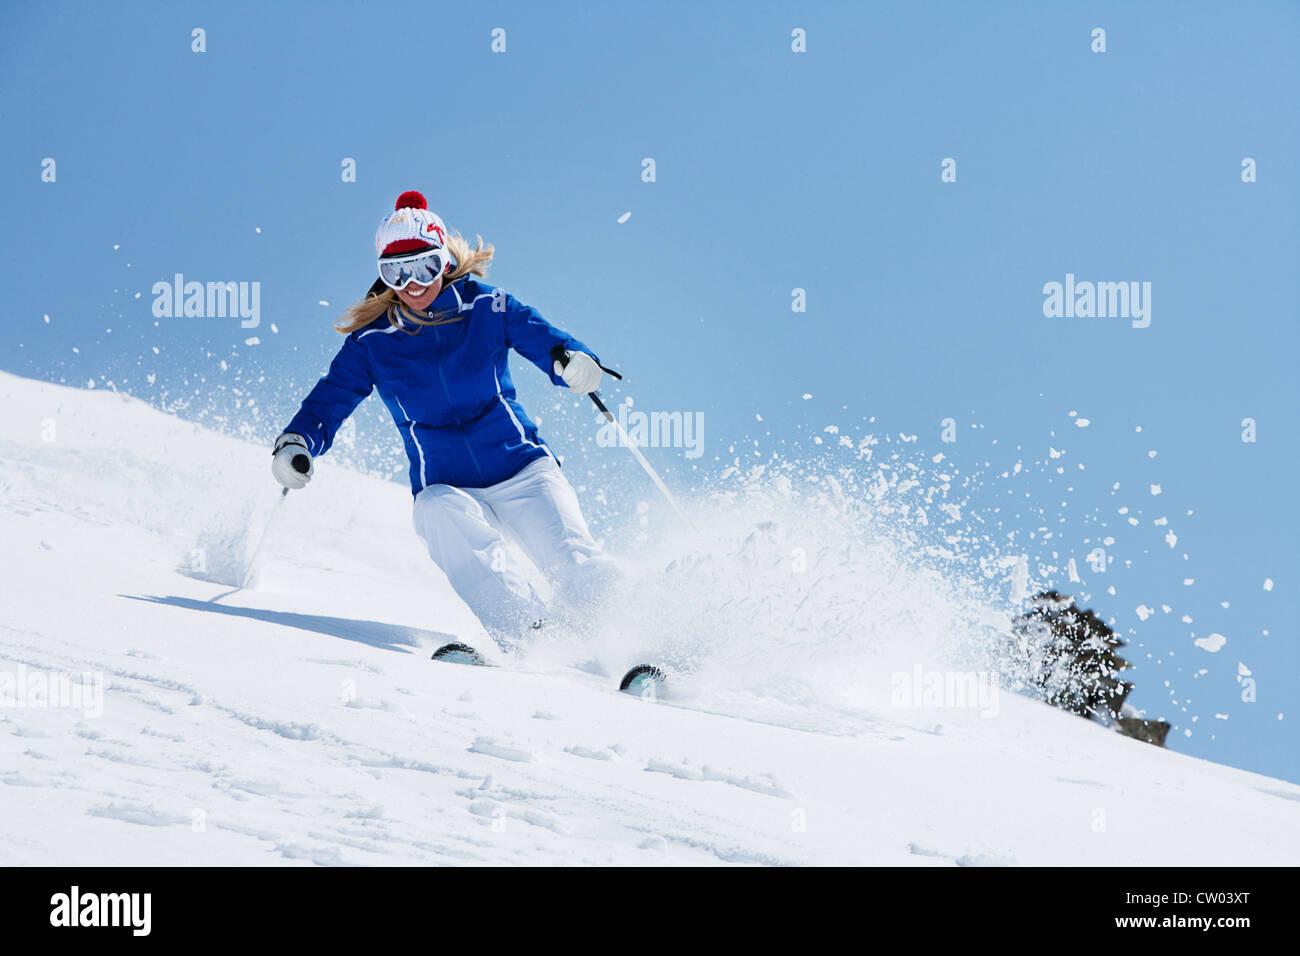 Skier coasting on snowy slope - Stock Image